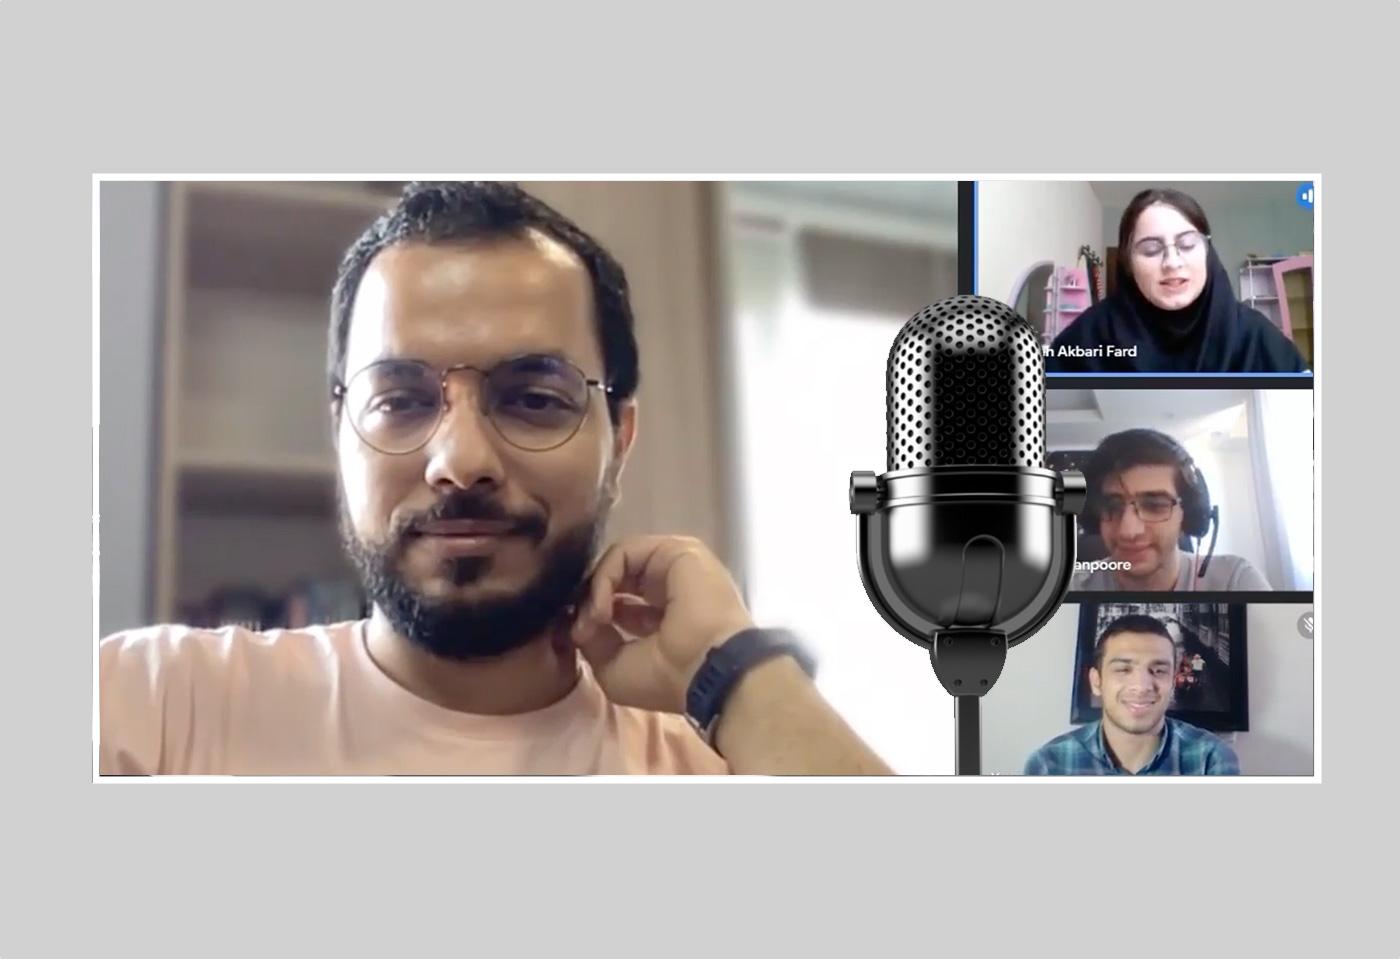 علی نادعلیزاده - زنگ برنامه نویسی دانش آموزان